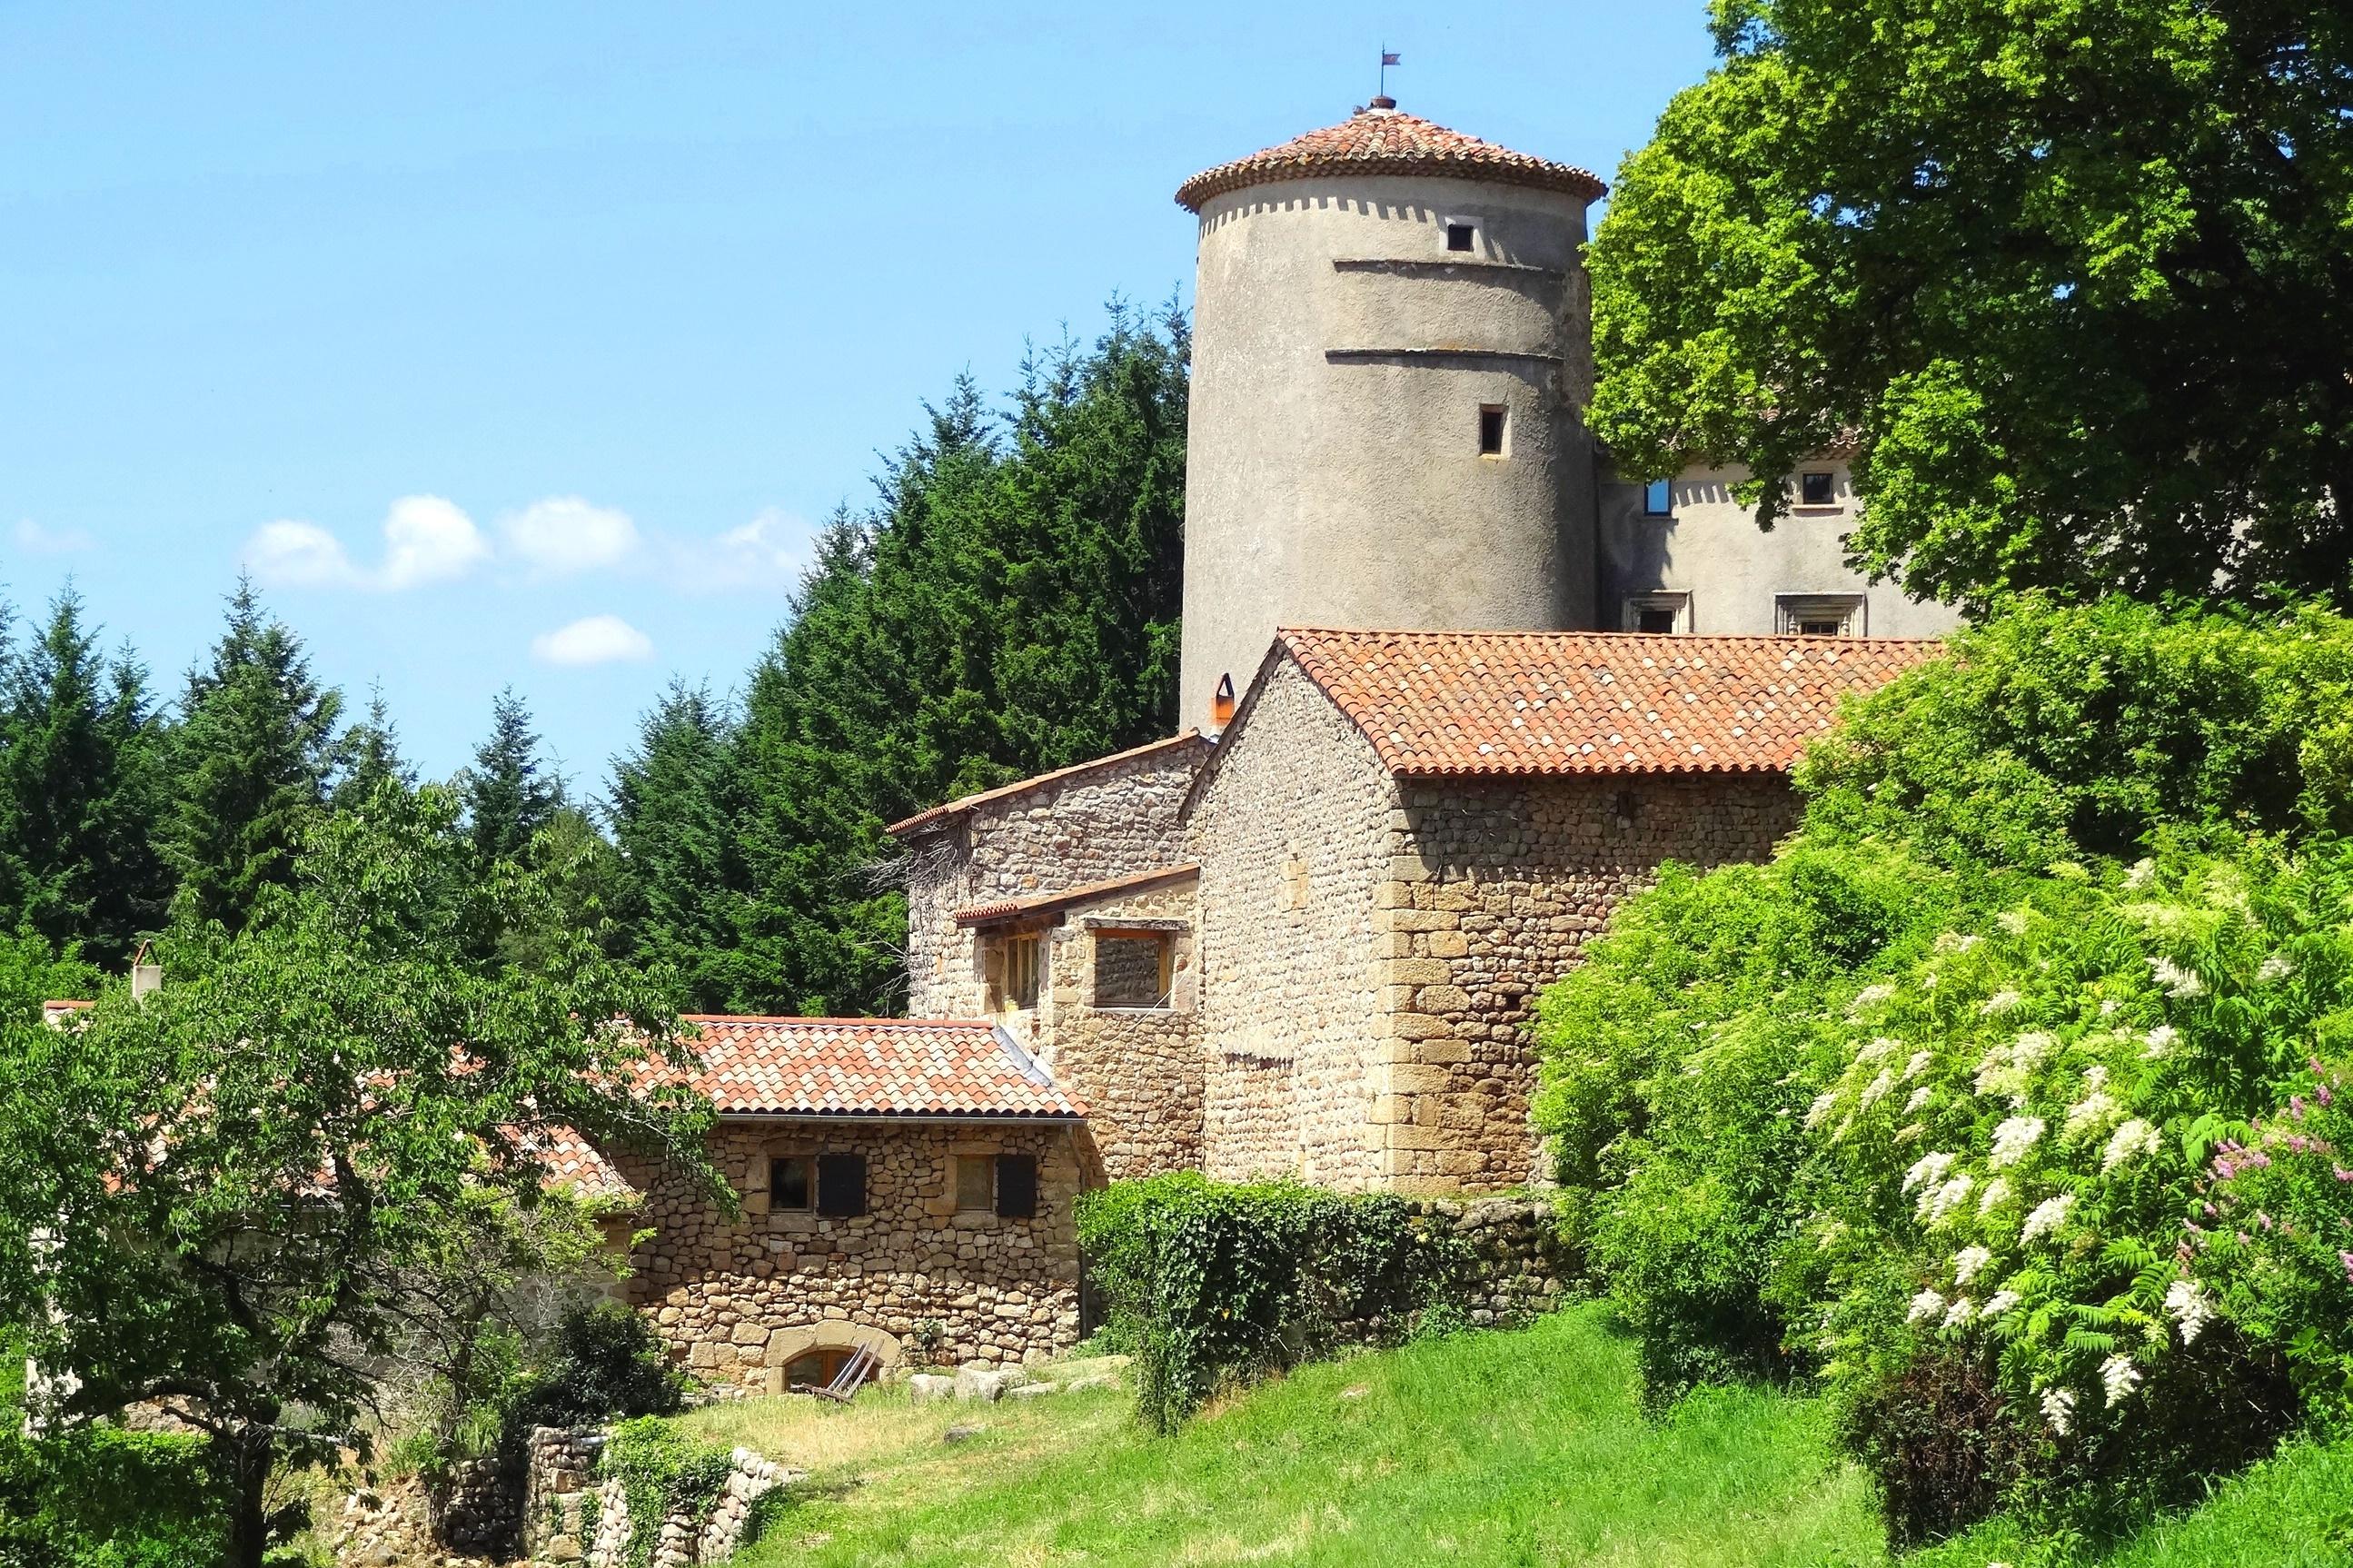 Rendez-vous futés ! : Journées européennes du patrimoine : visite commentée du Château du Hautvillard